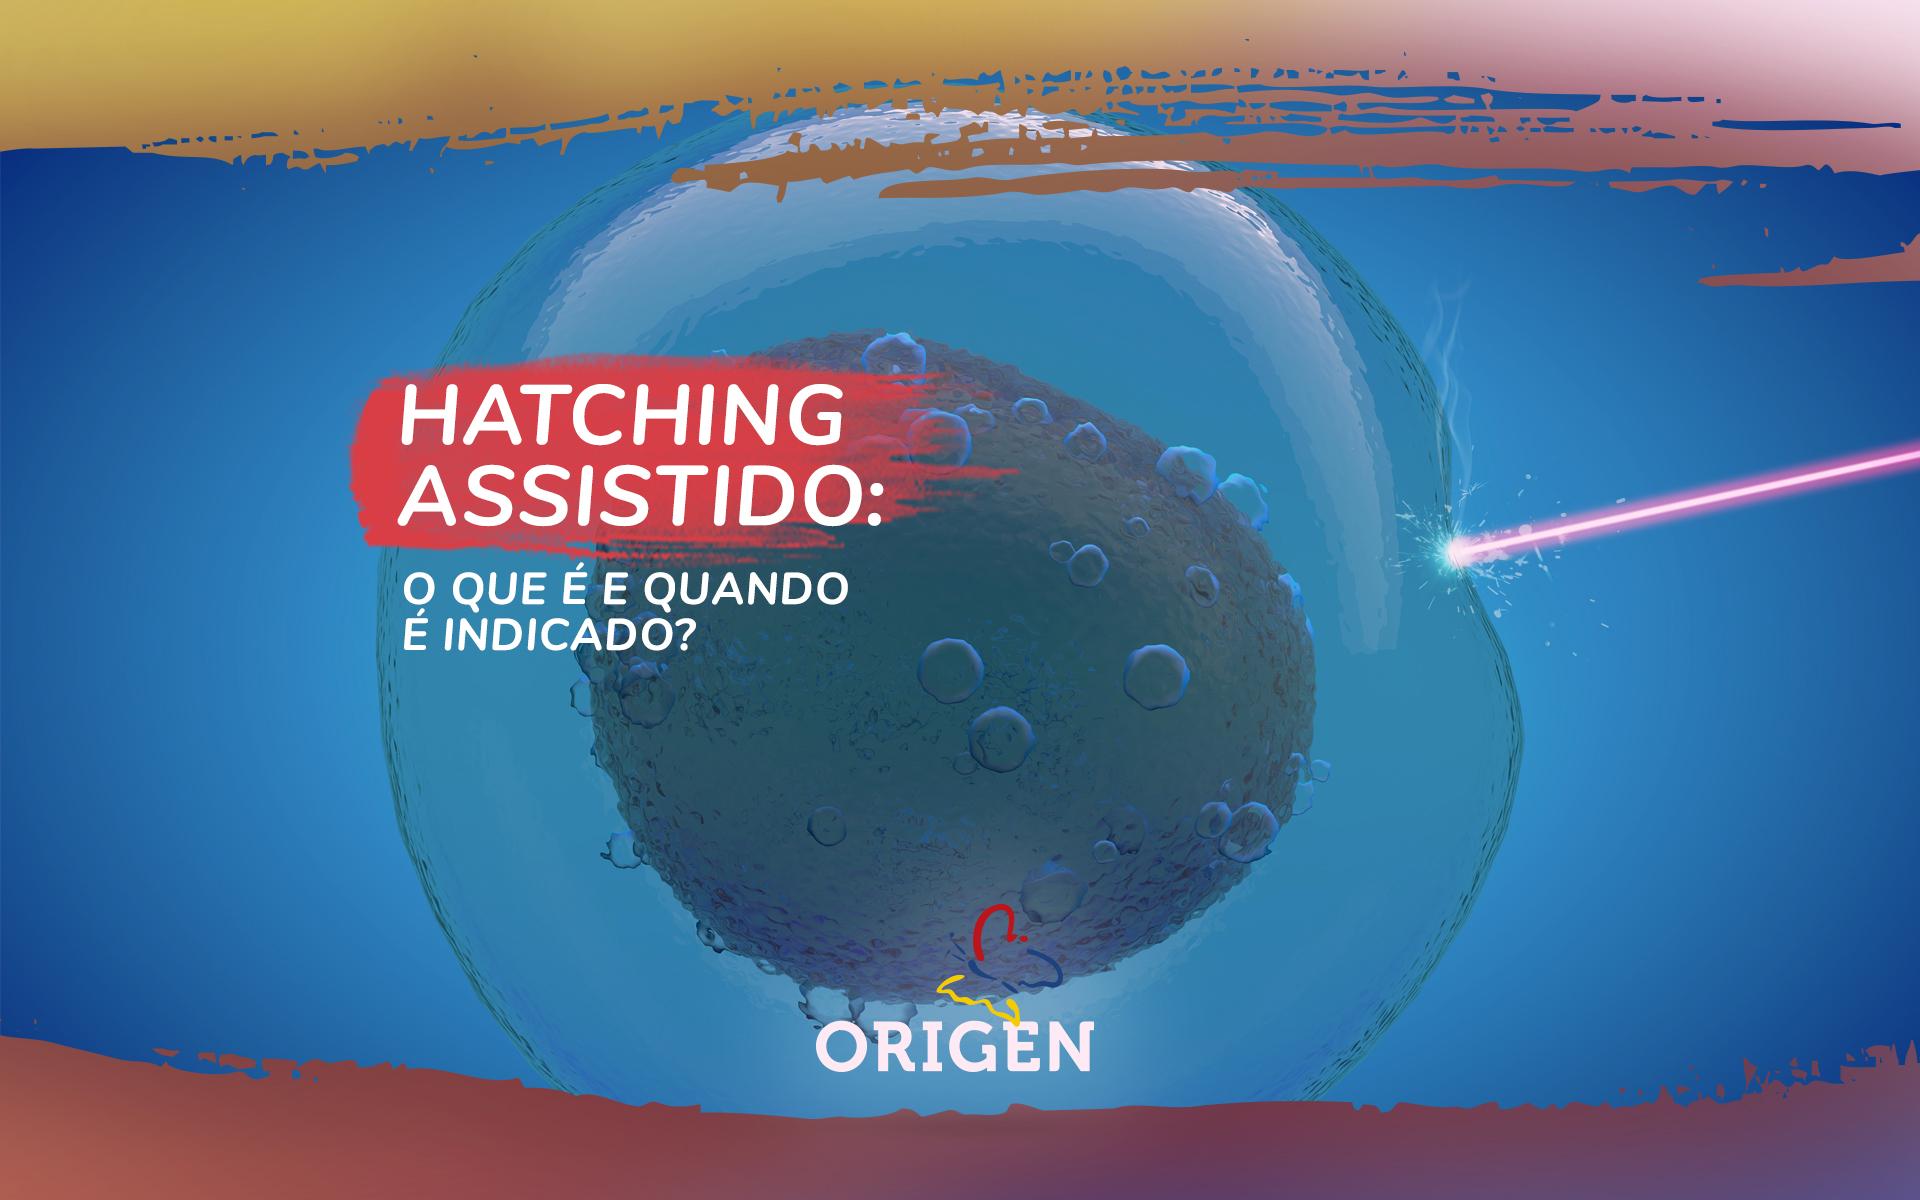 Hatching assistido: o que é e quando é indicado?